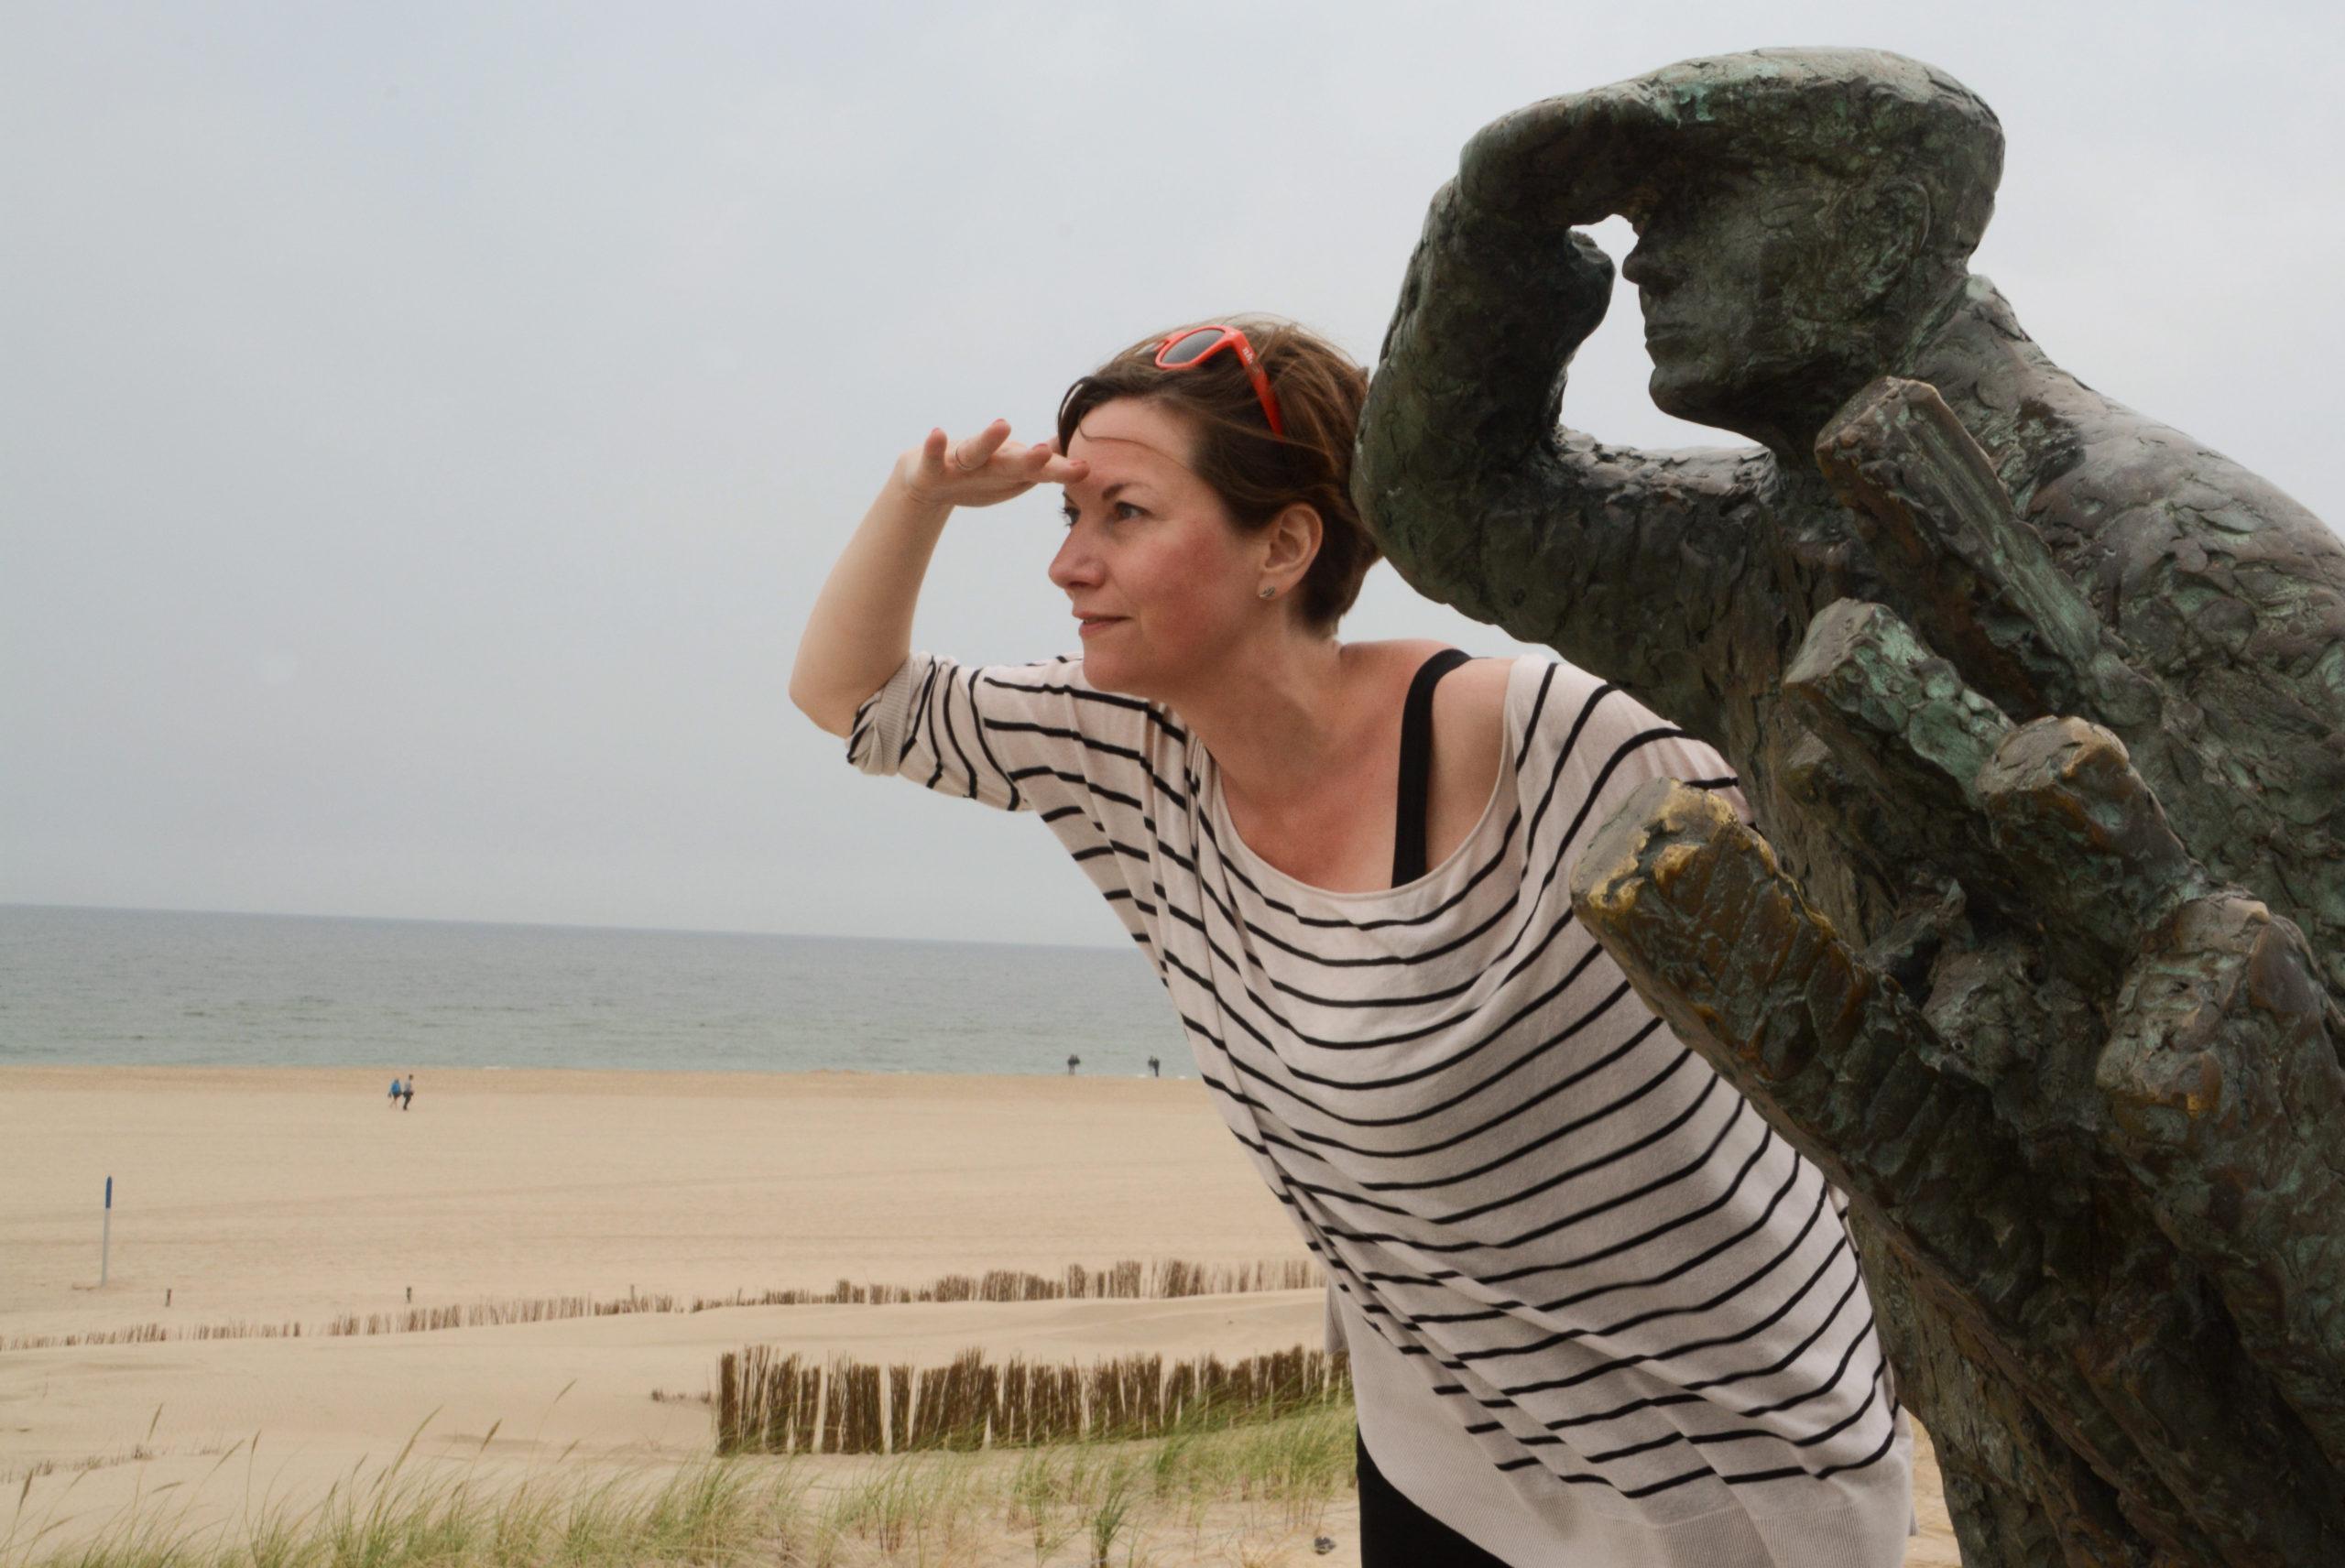 Frau mit Statue am Strand von Camperduin in Nordholland